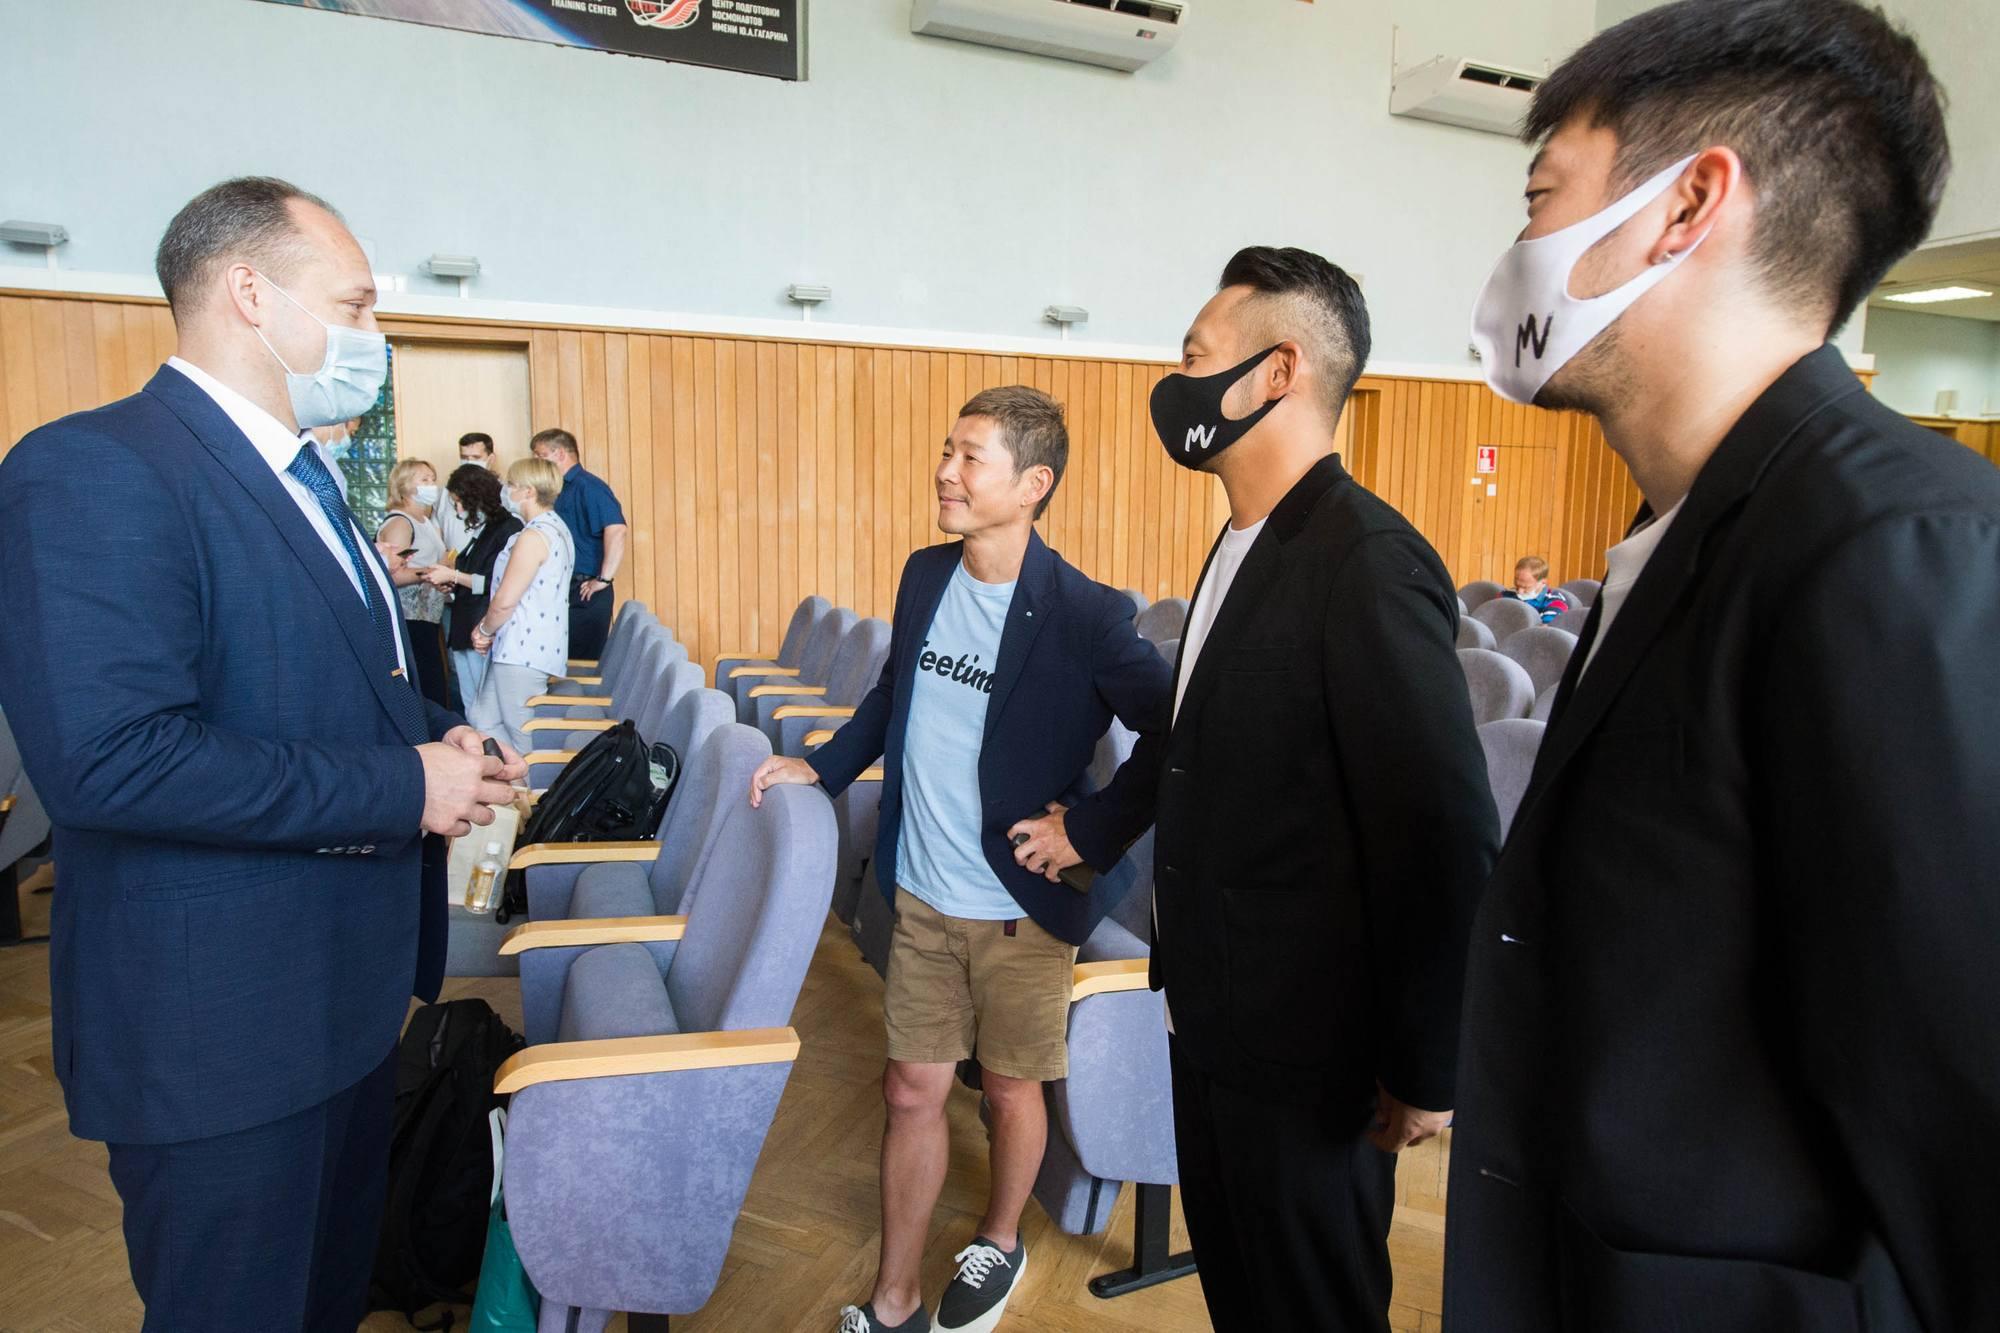 Alexandre Misourkine et les trois participants japonais.